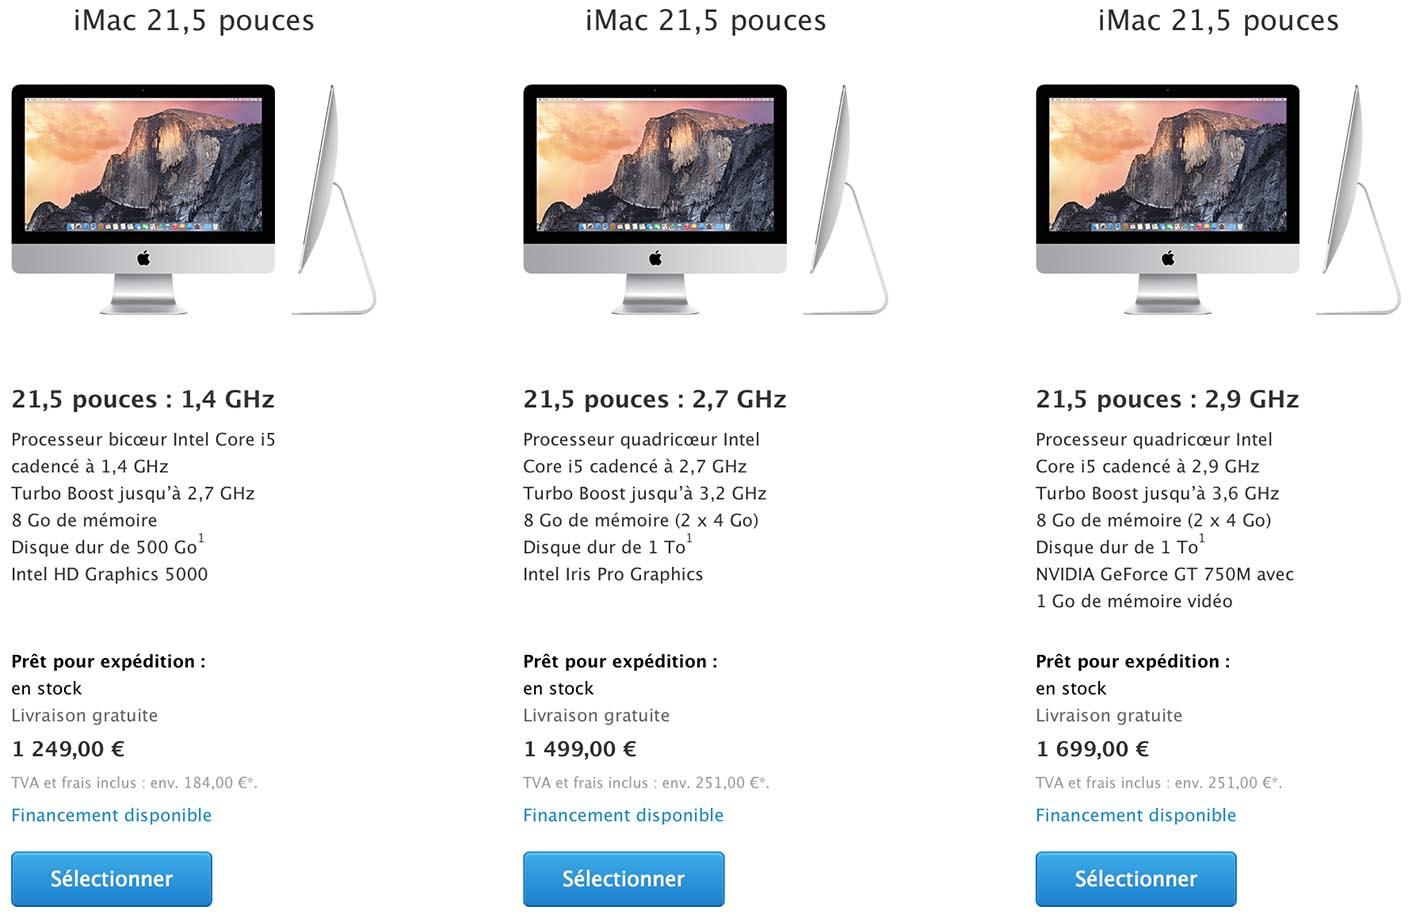 iMac tarifs 2015